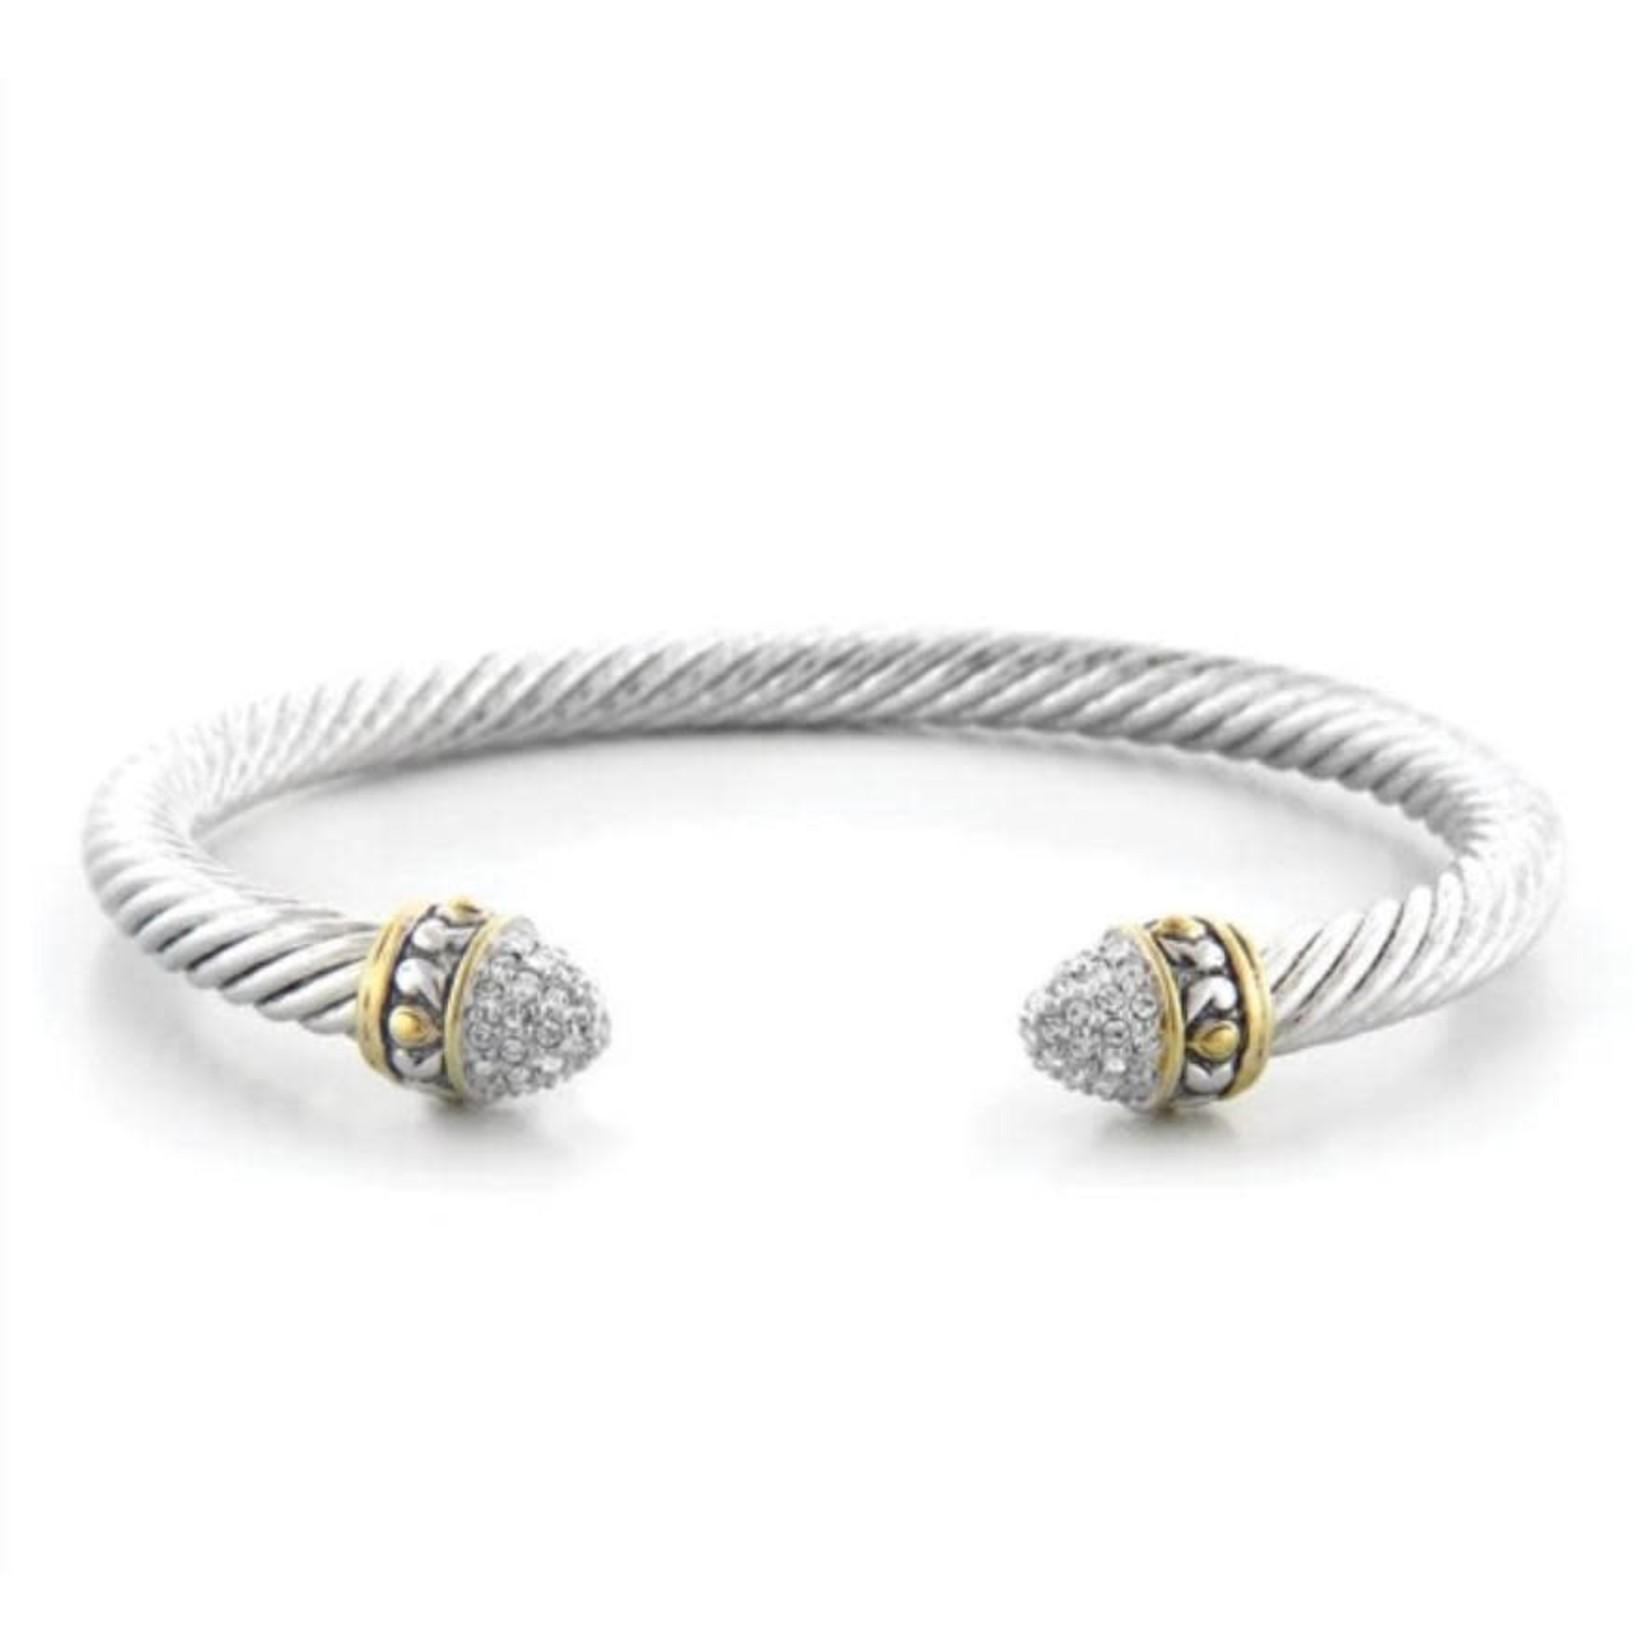 John Medeiros John Mederios Thin Rope Wire Bracelet